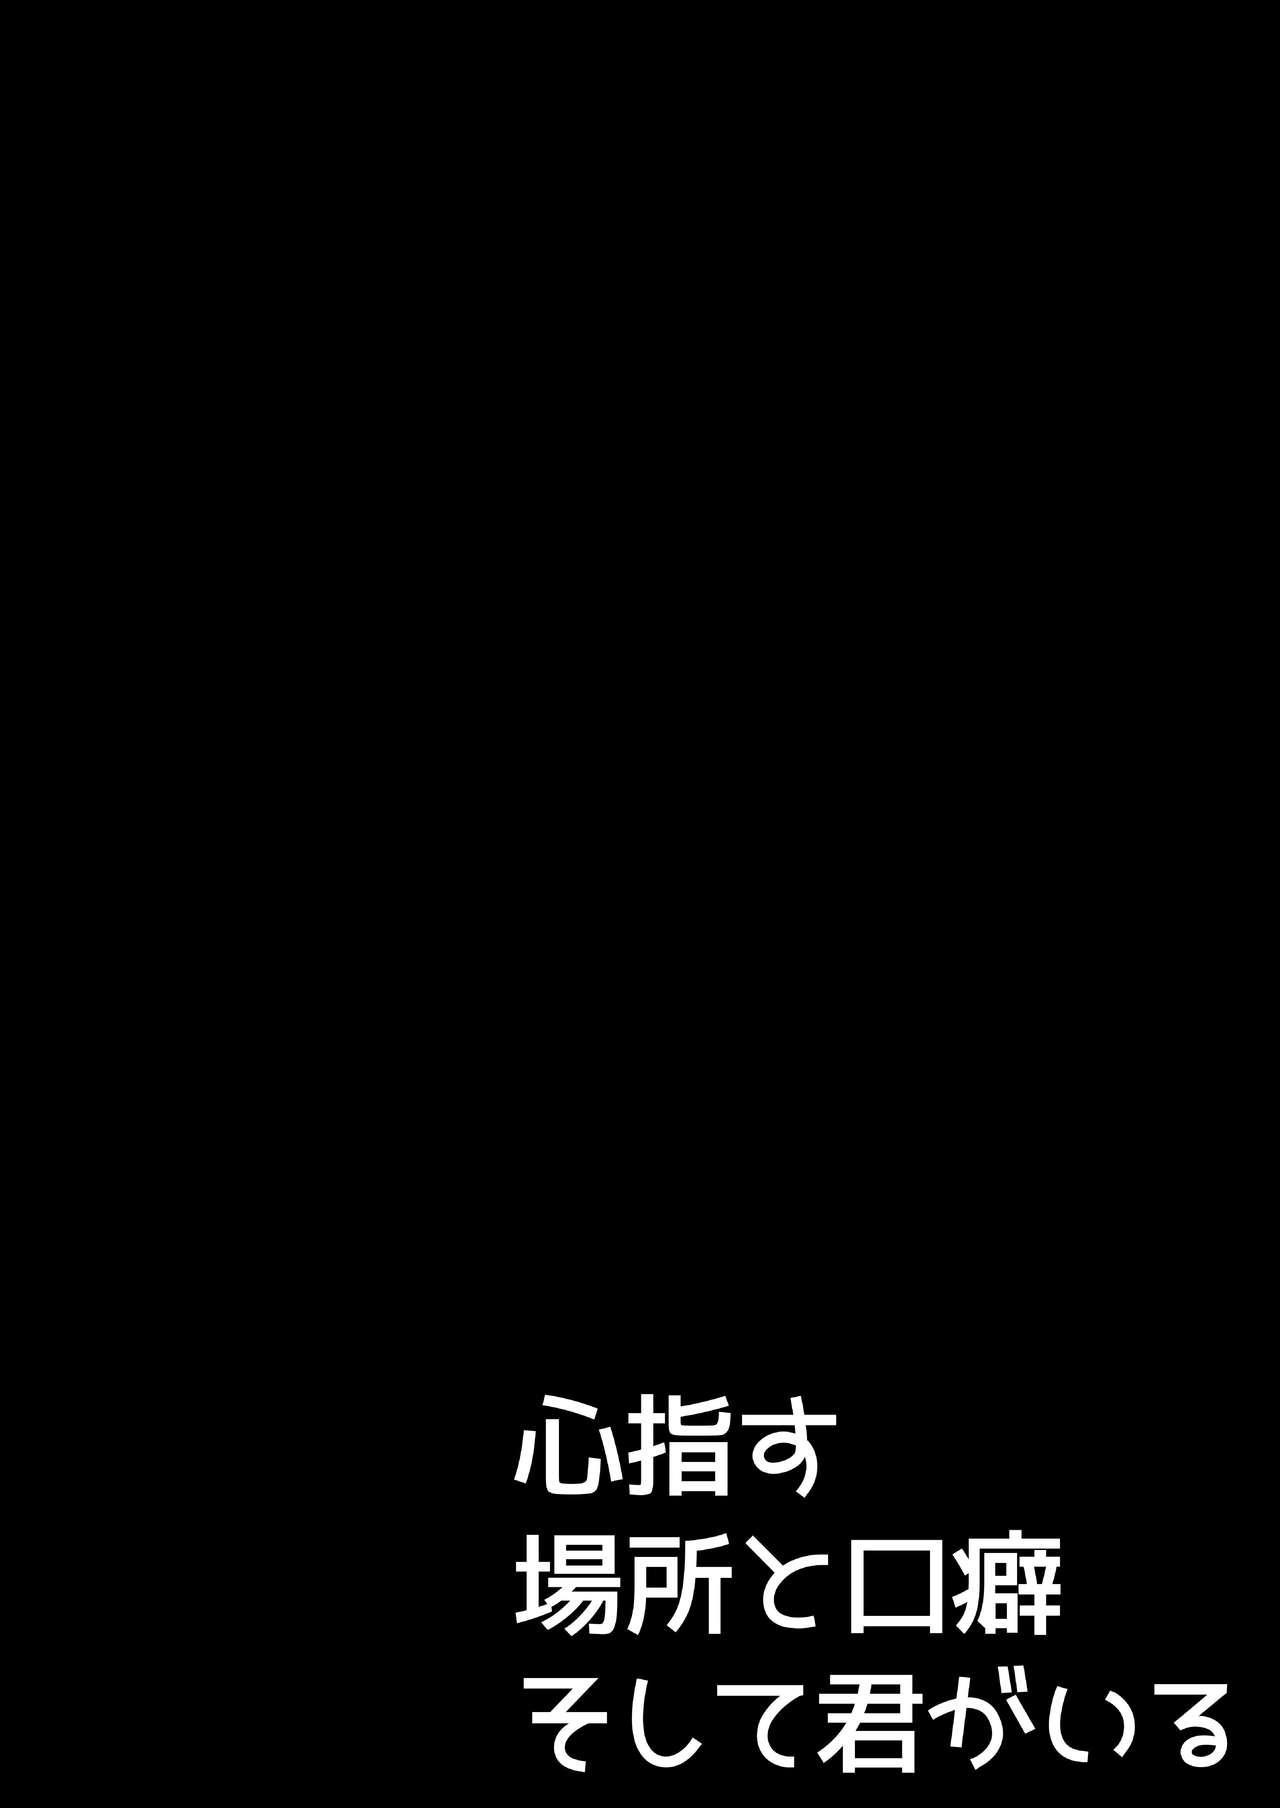 Kokoro ga Sasu Basho to Kuchiguse Soshite Kimi ga Iru 2